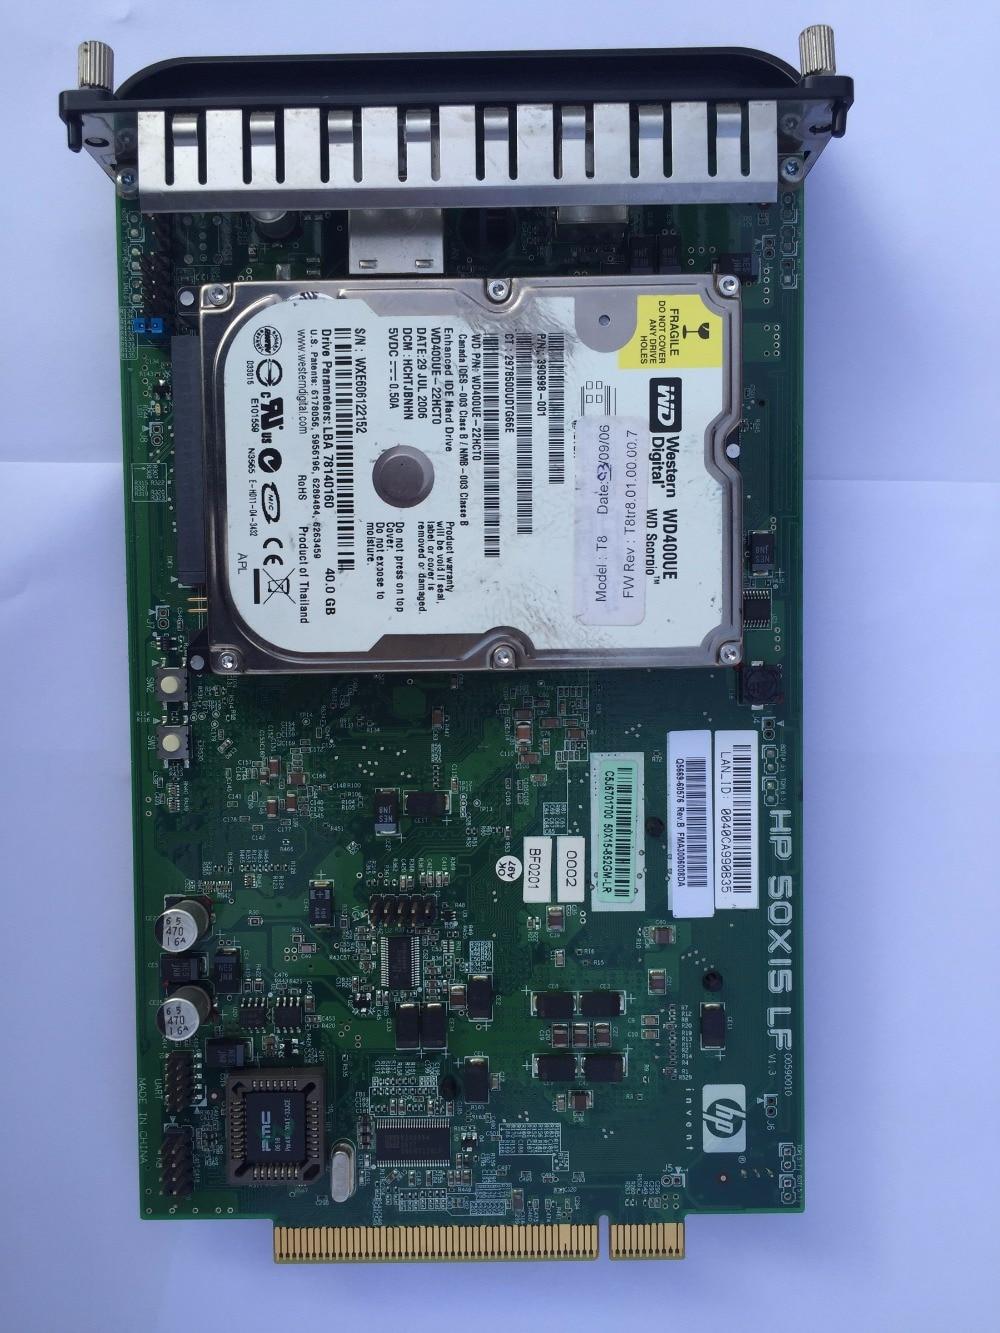 все цены на Q5669-60576 Formatter Board w/Hard Drive Caddy FOR HP Designjet Z3200 Z3100 онлайн